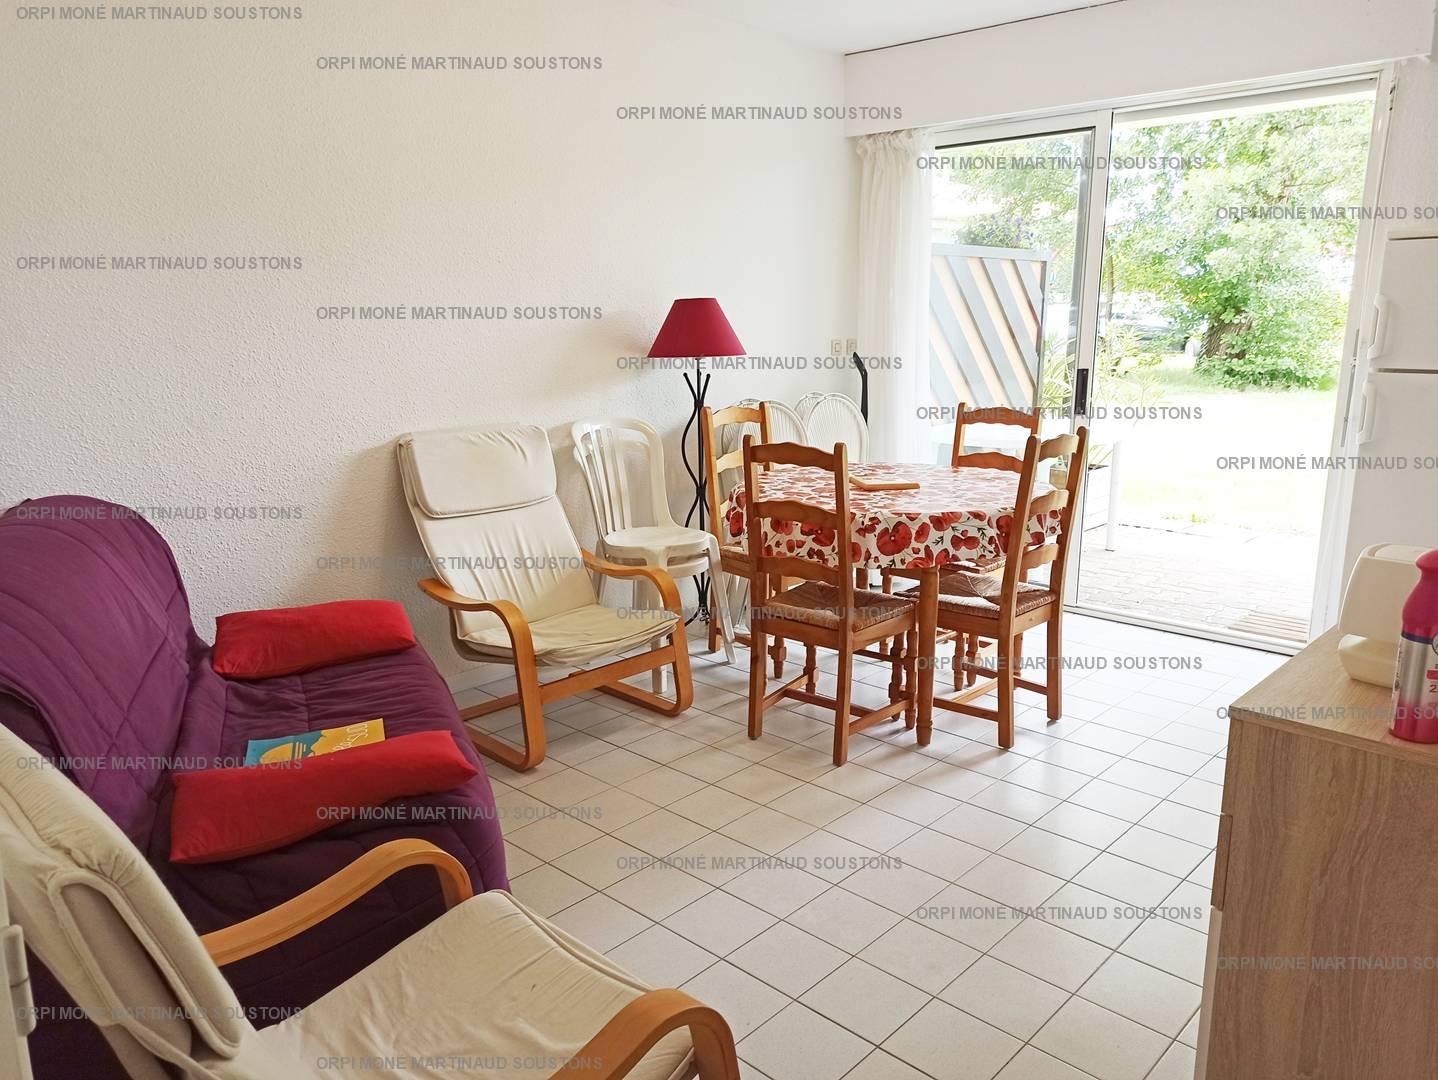 Location de vacances pour 4 à Soustons réf LANDAIS36